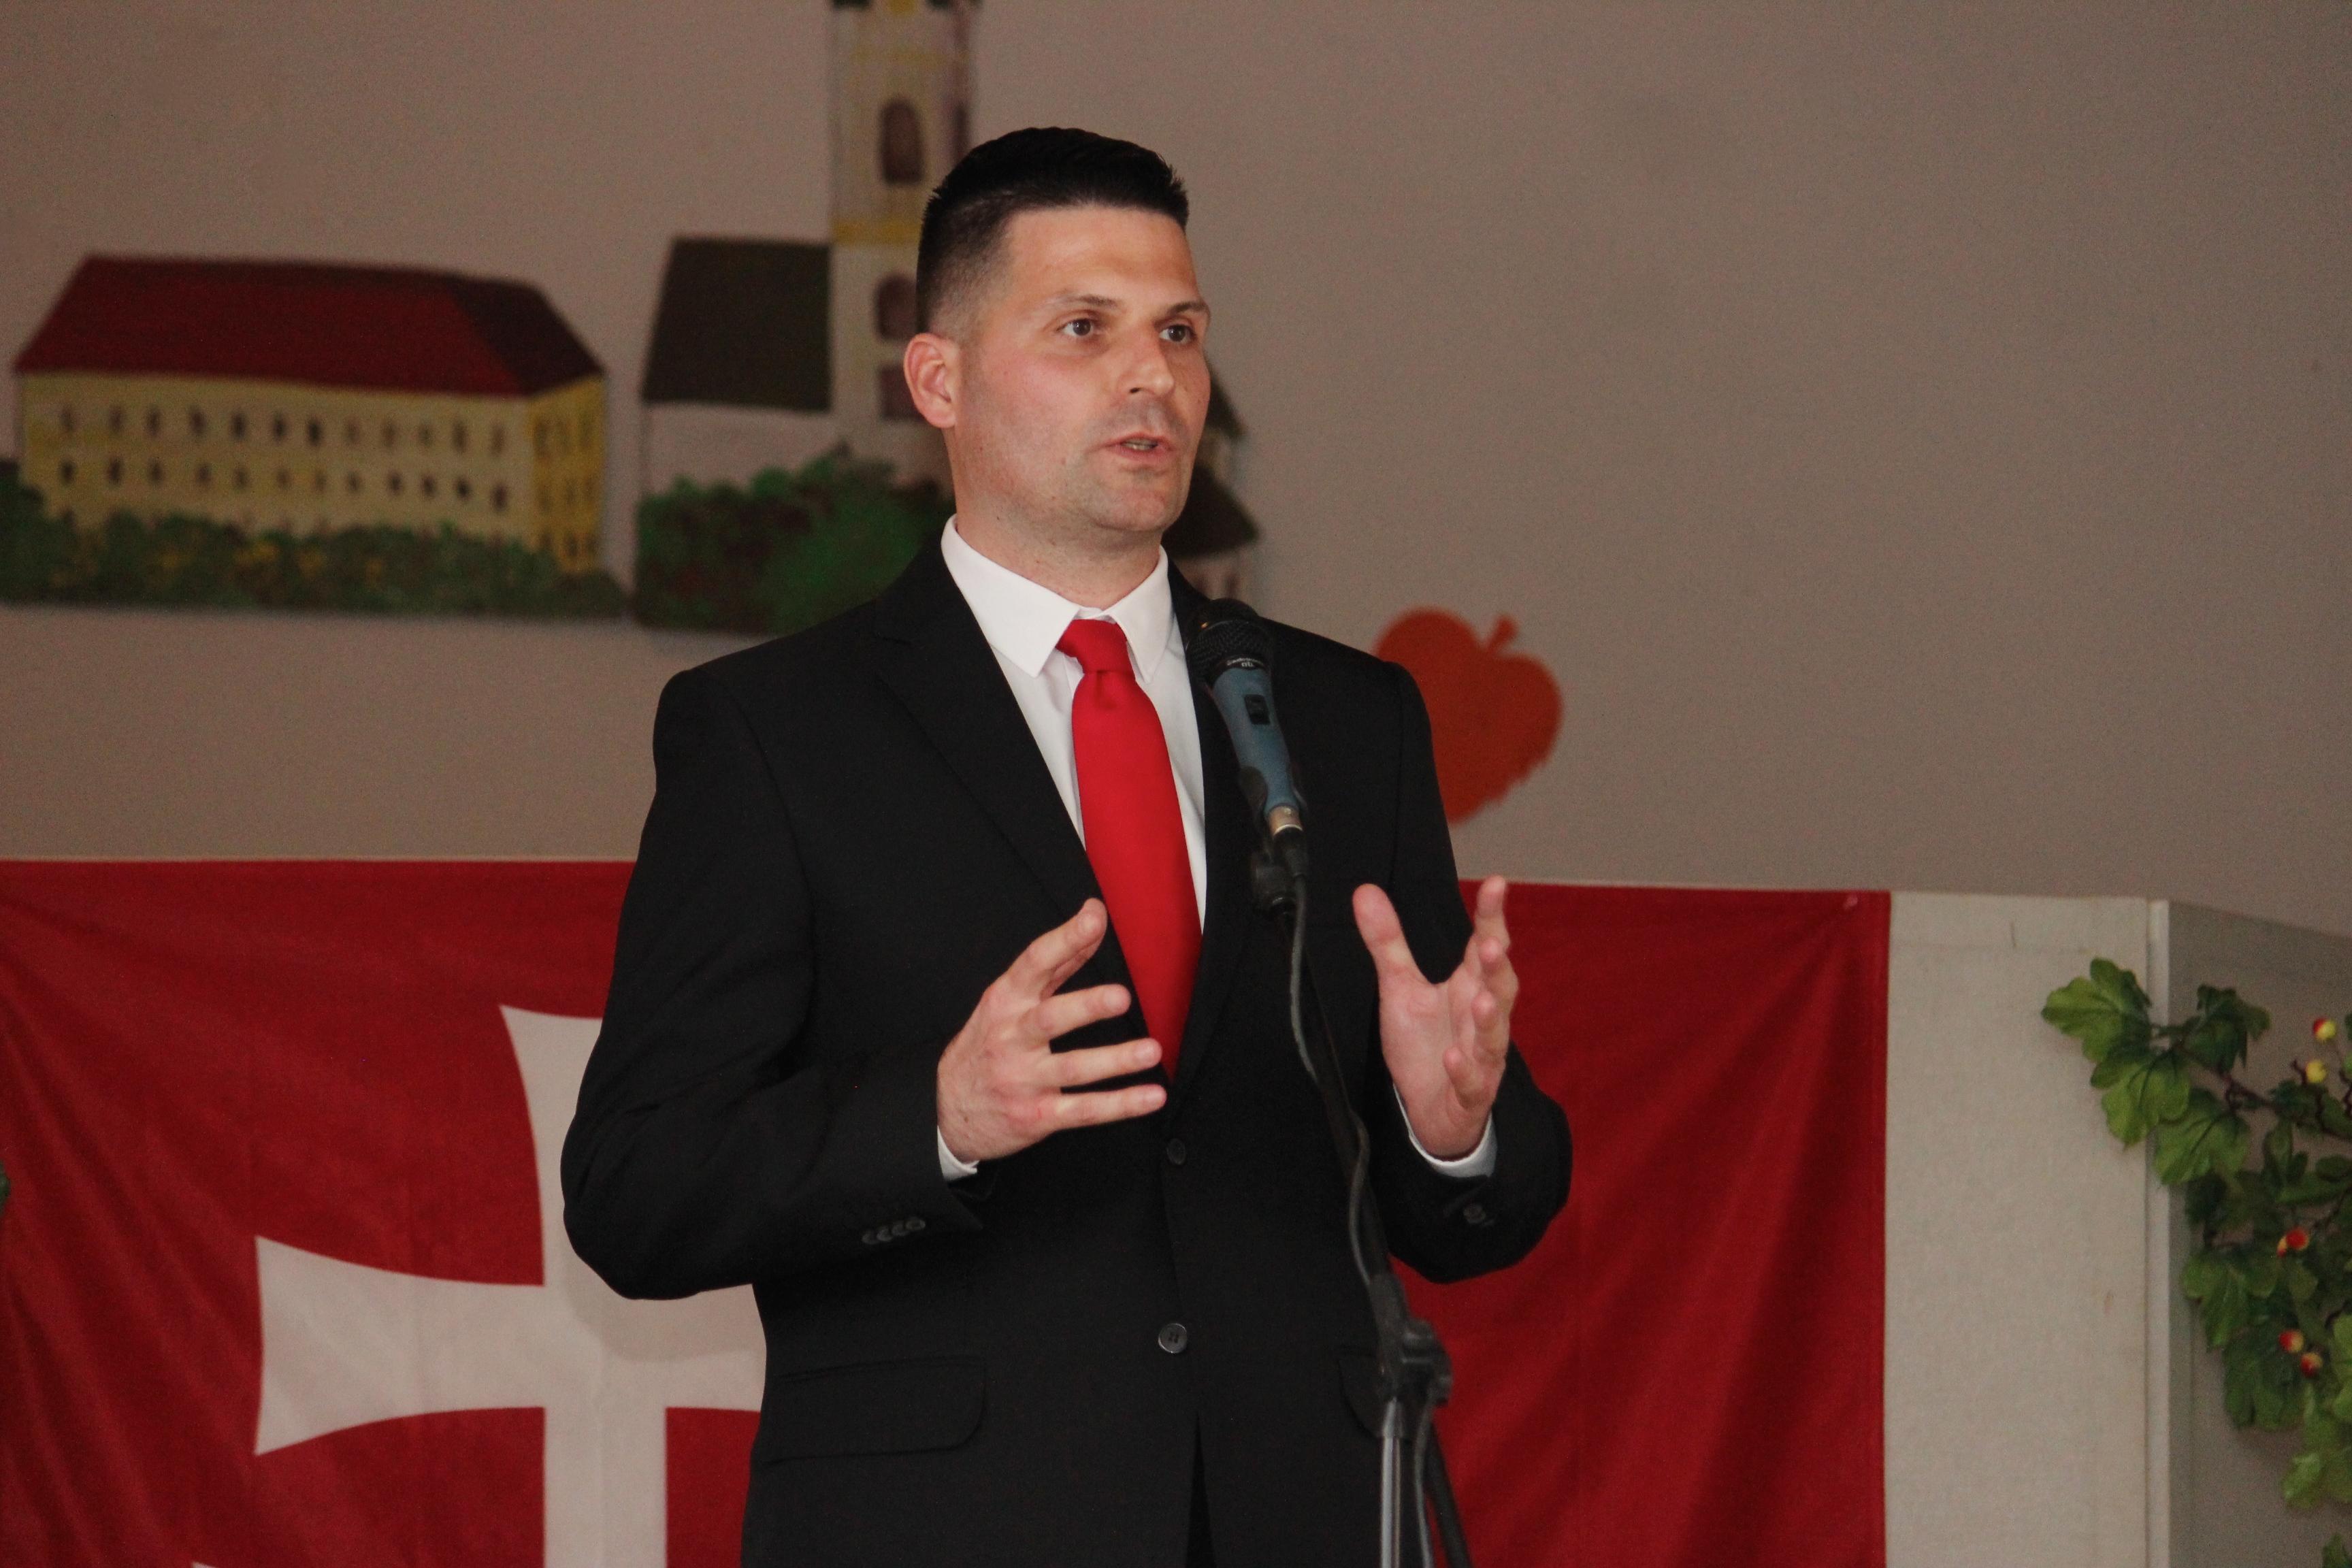 Predseda SHO Róbert Švec počas prejavu na oslavách 78. výročia vzniku prvej SR v kultúrnom dome v Čakajovciach. (Foto: archív)